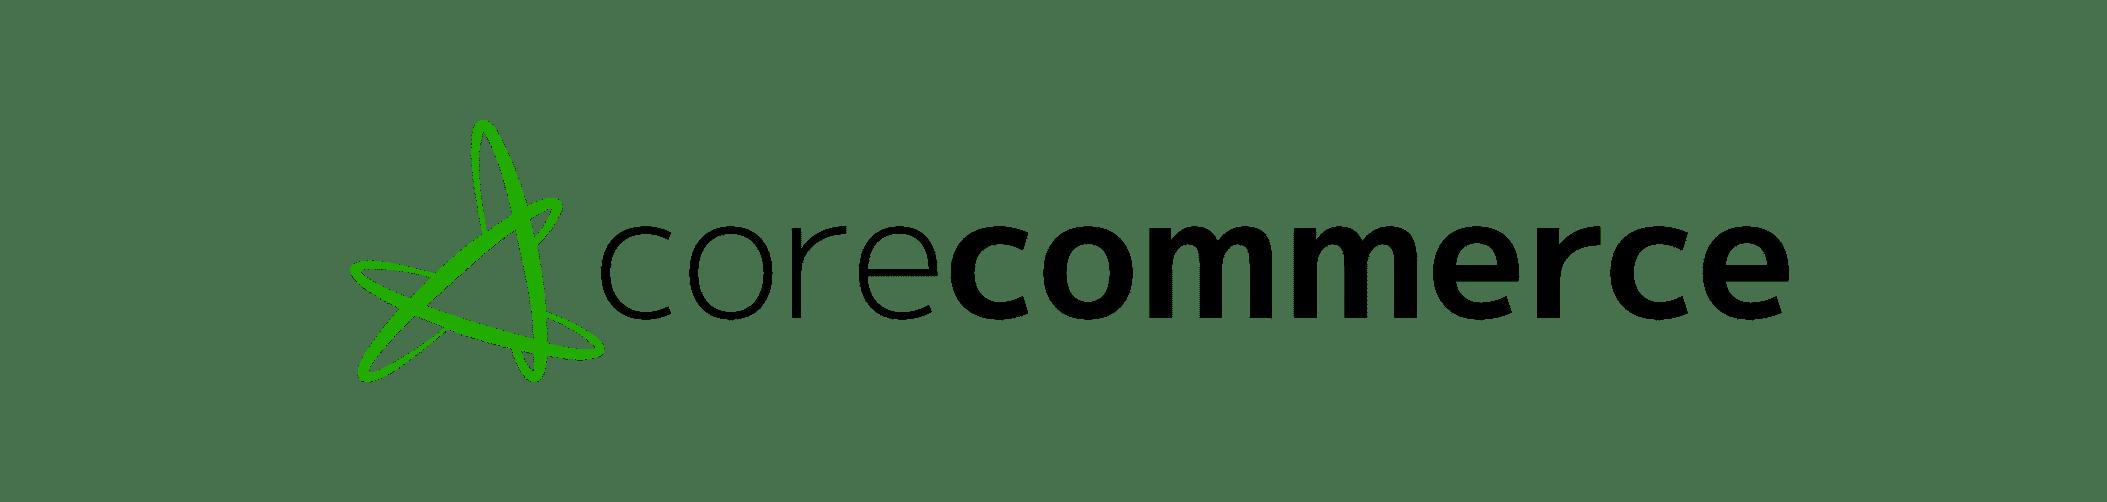 CoreCommerce-logo1